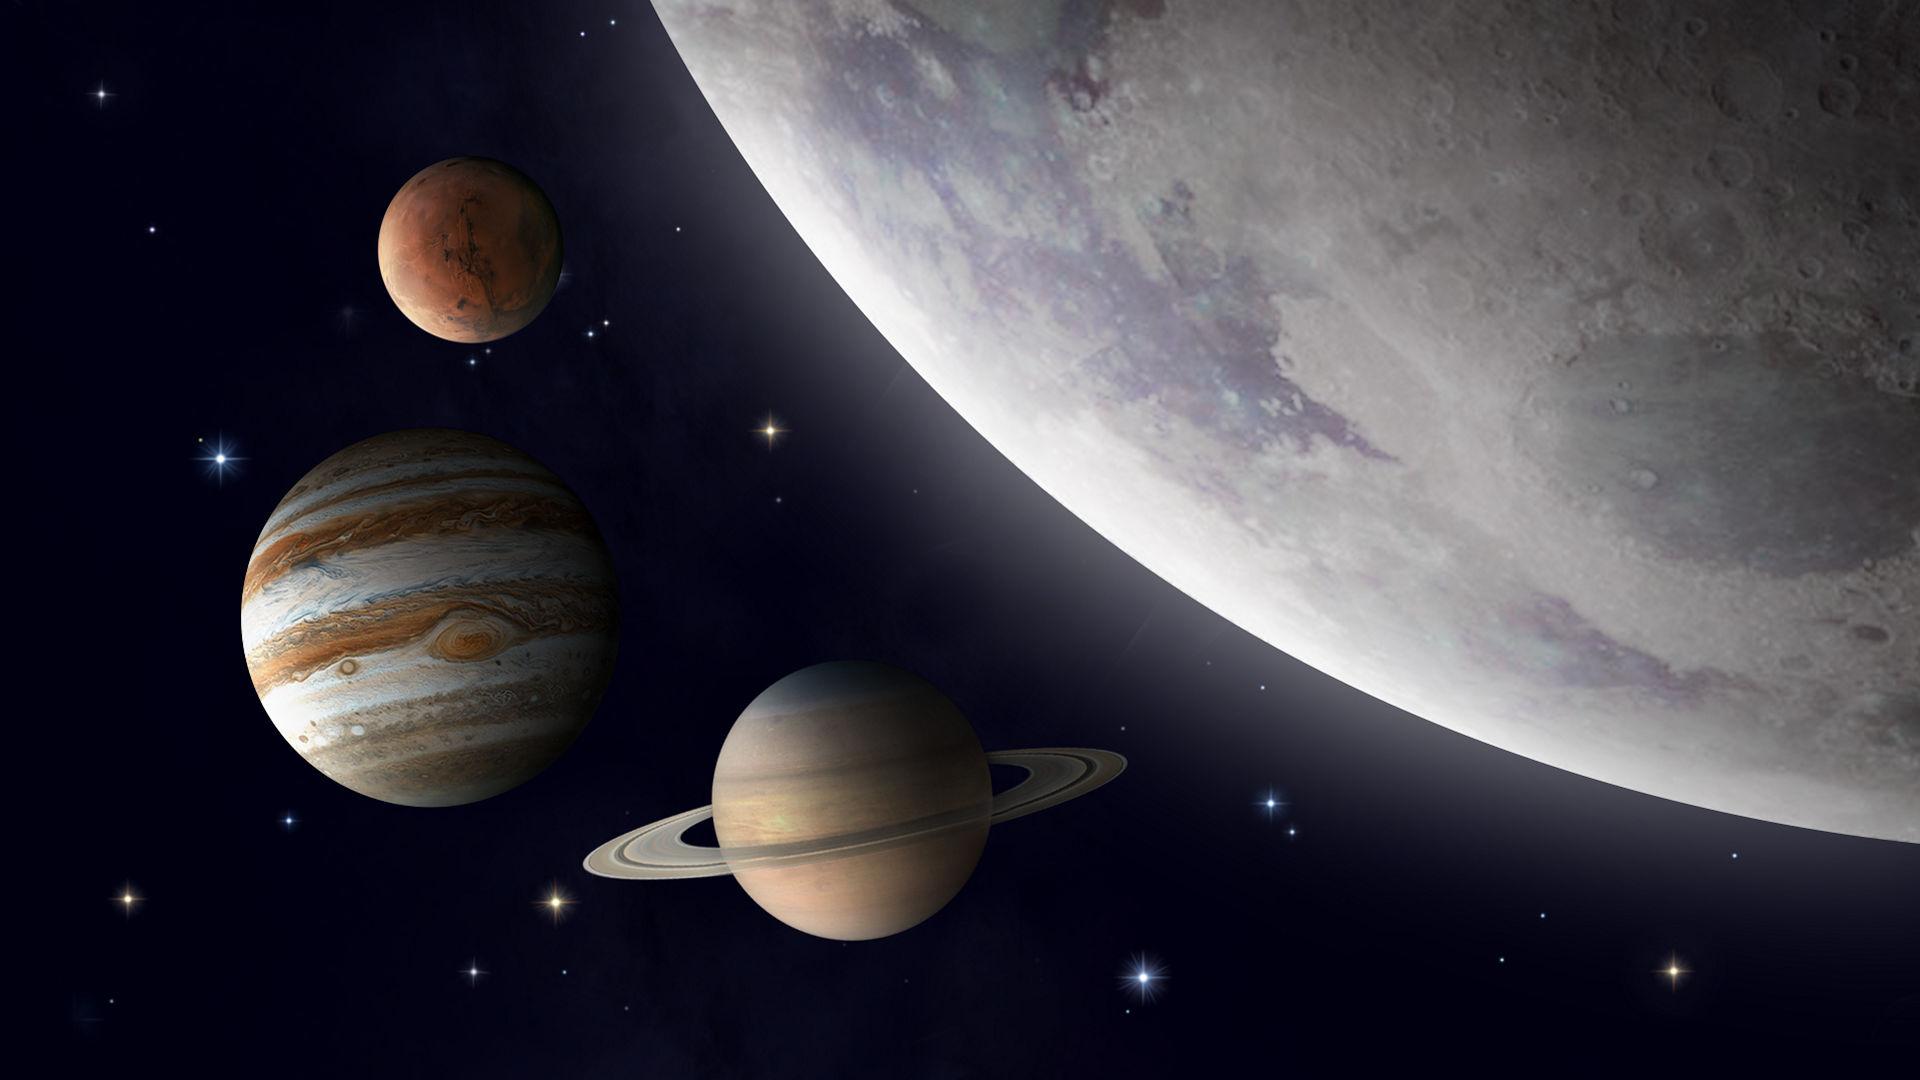 La Lune rencontre trois planètes cette semaine. Quand, où et comment observer ce phénomène